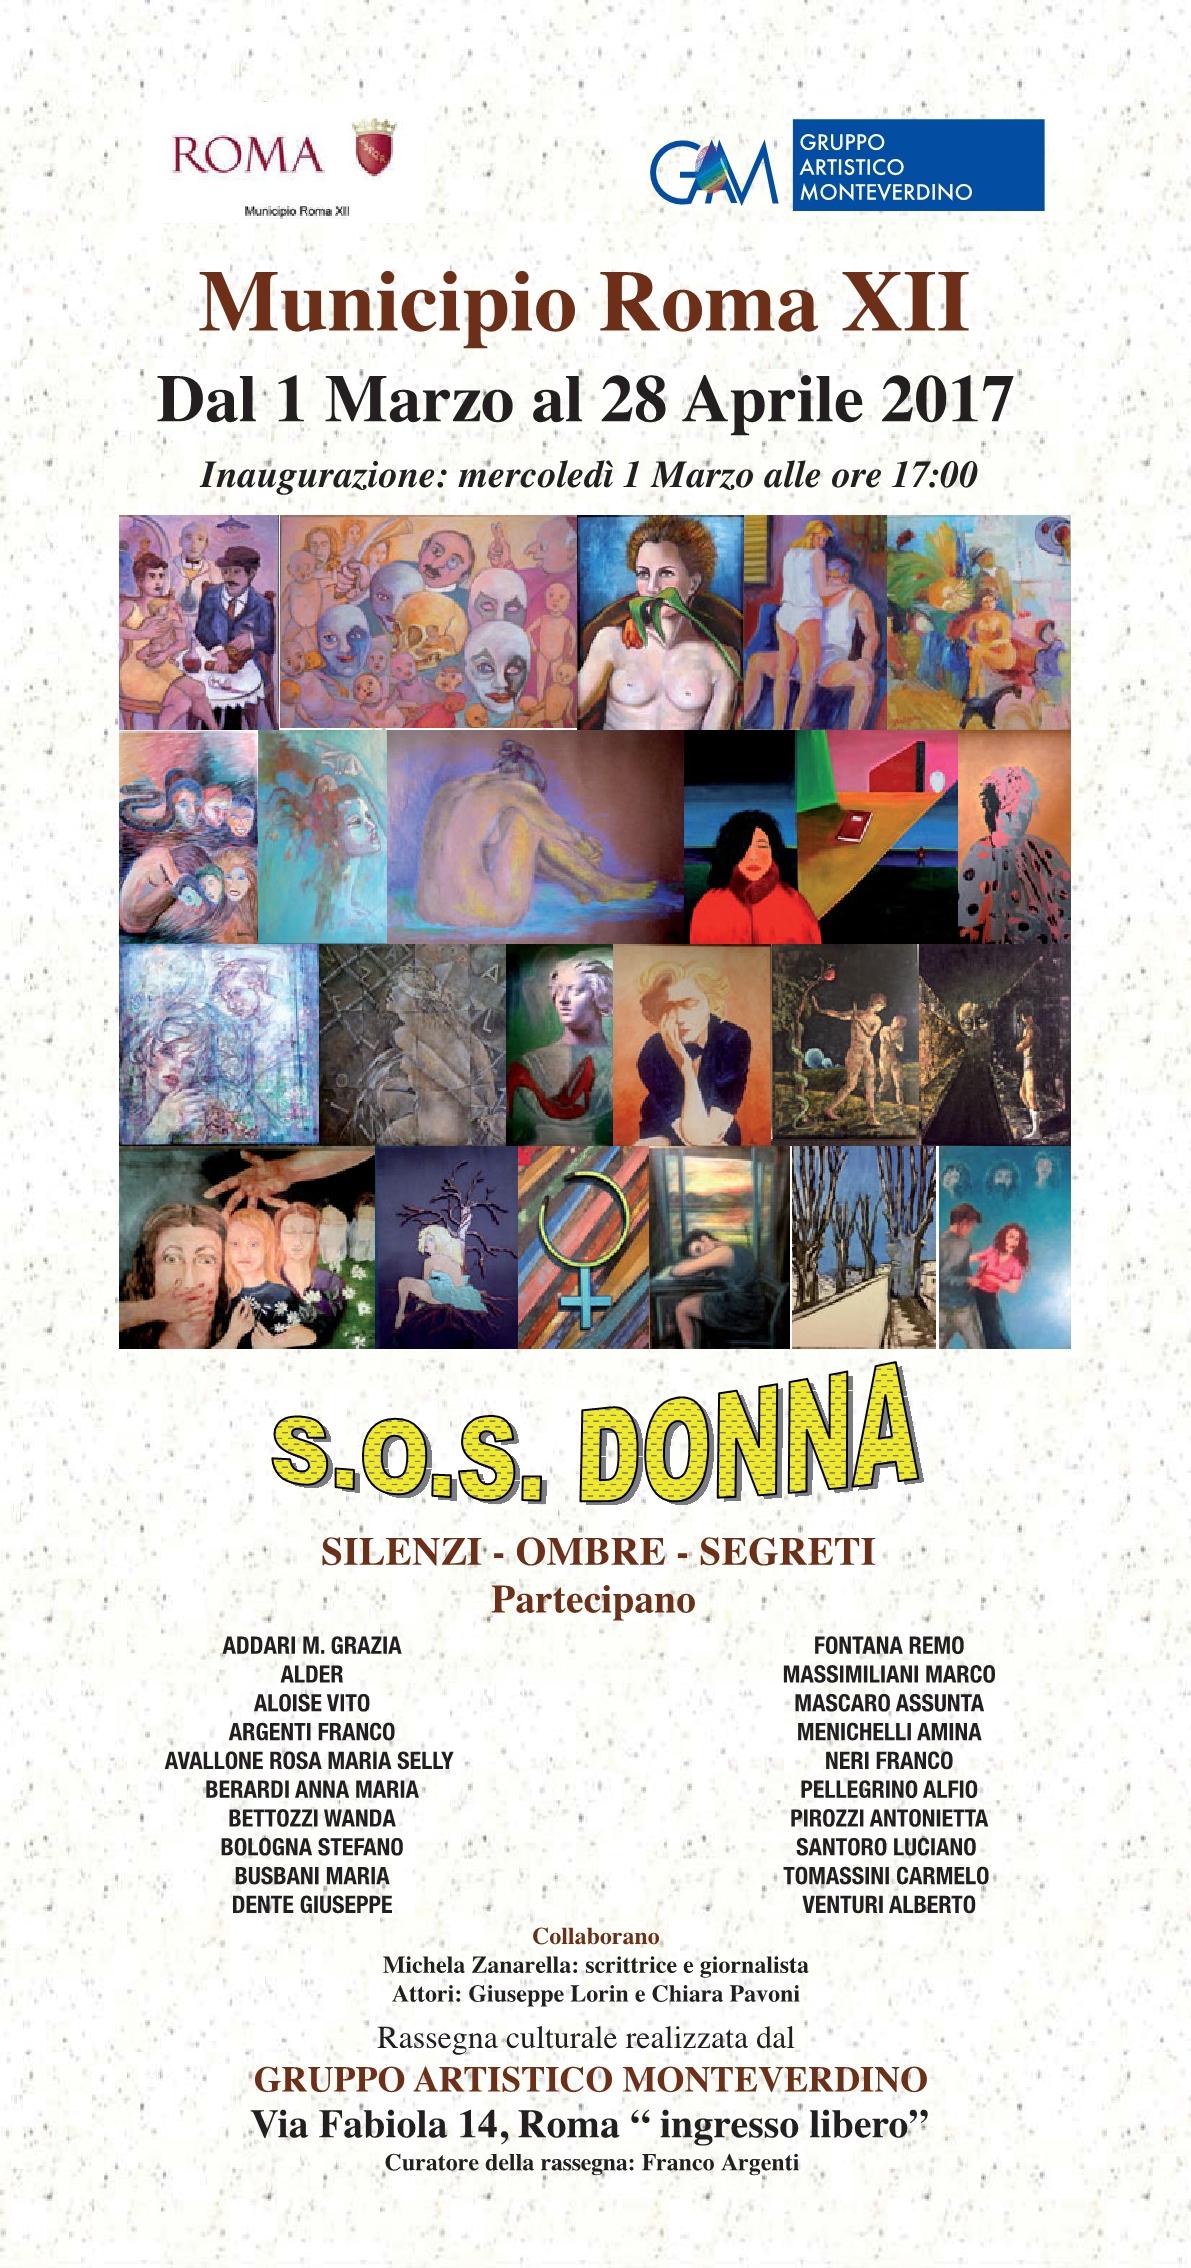 S.O.S. Donna, una rassegna culturale al Municipio Roma XII